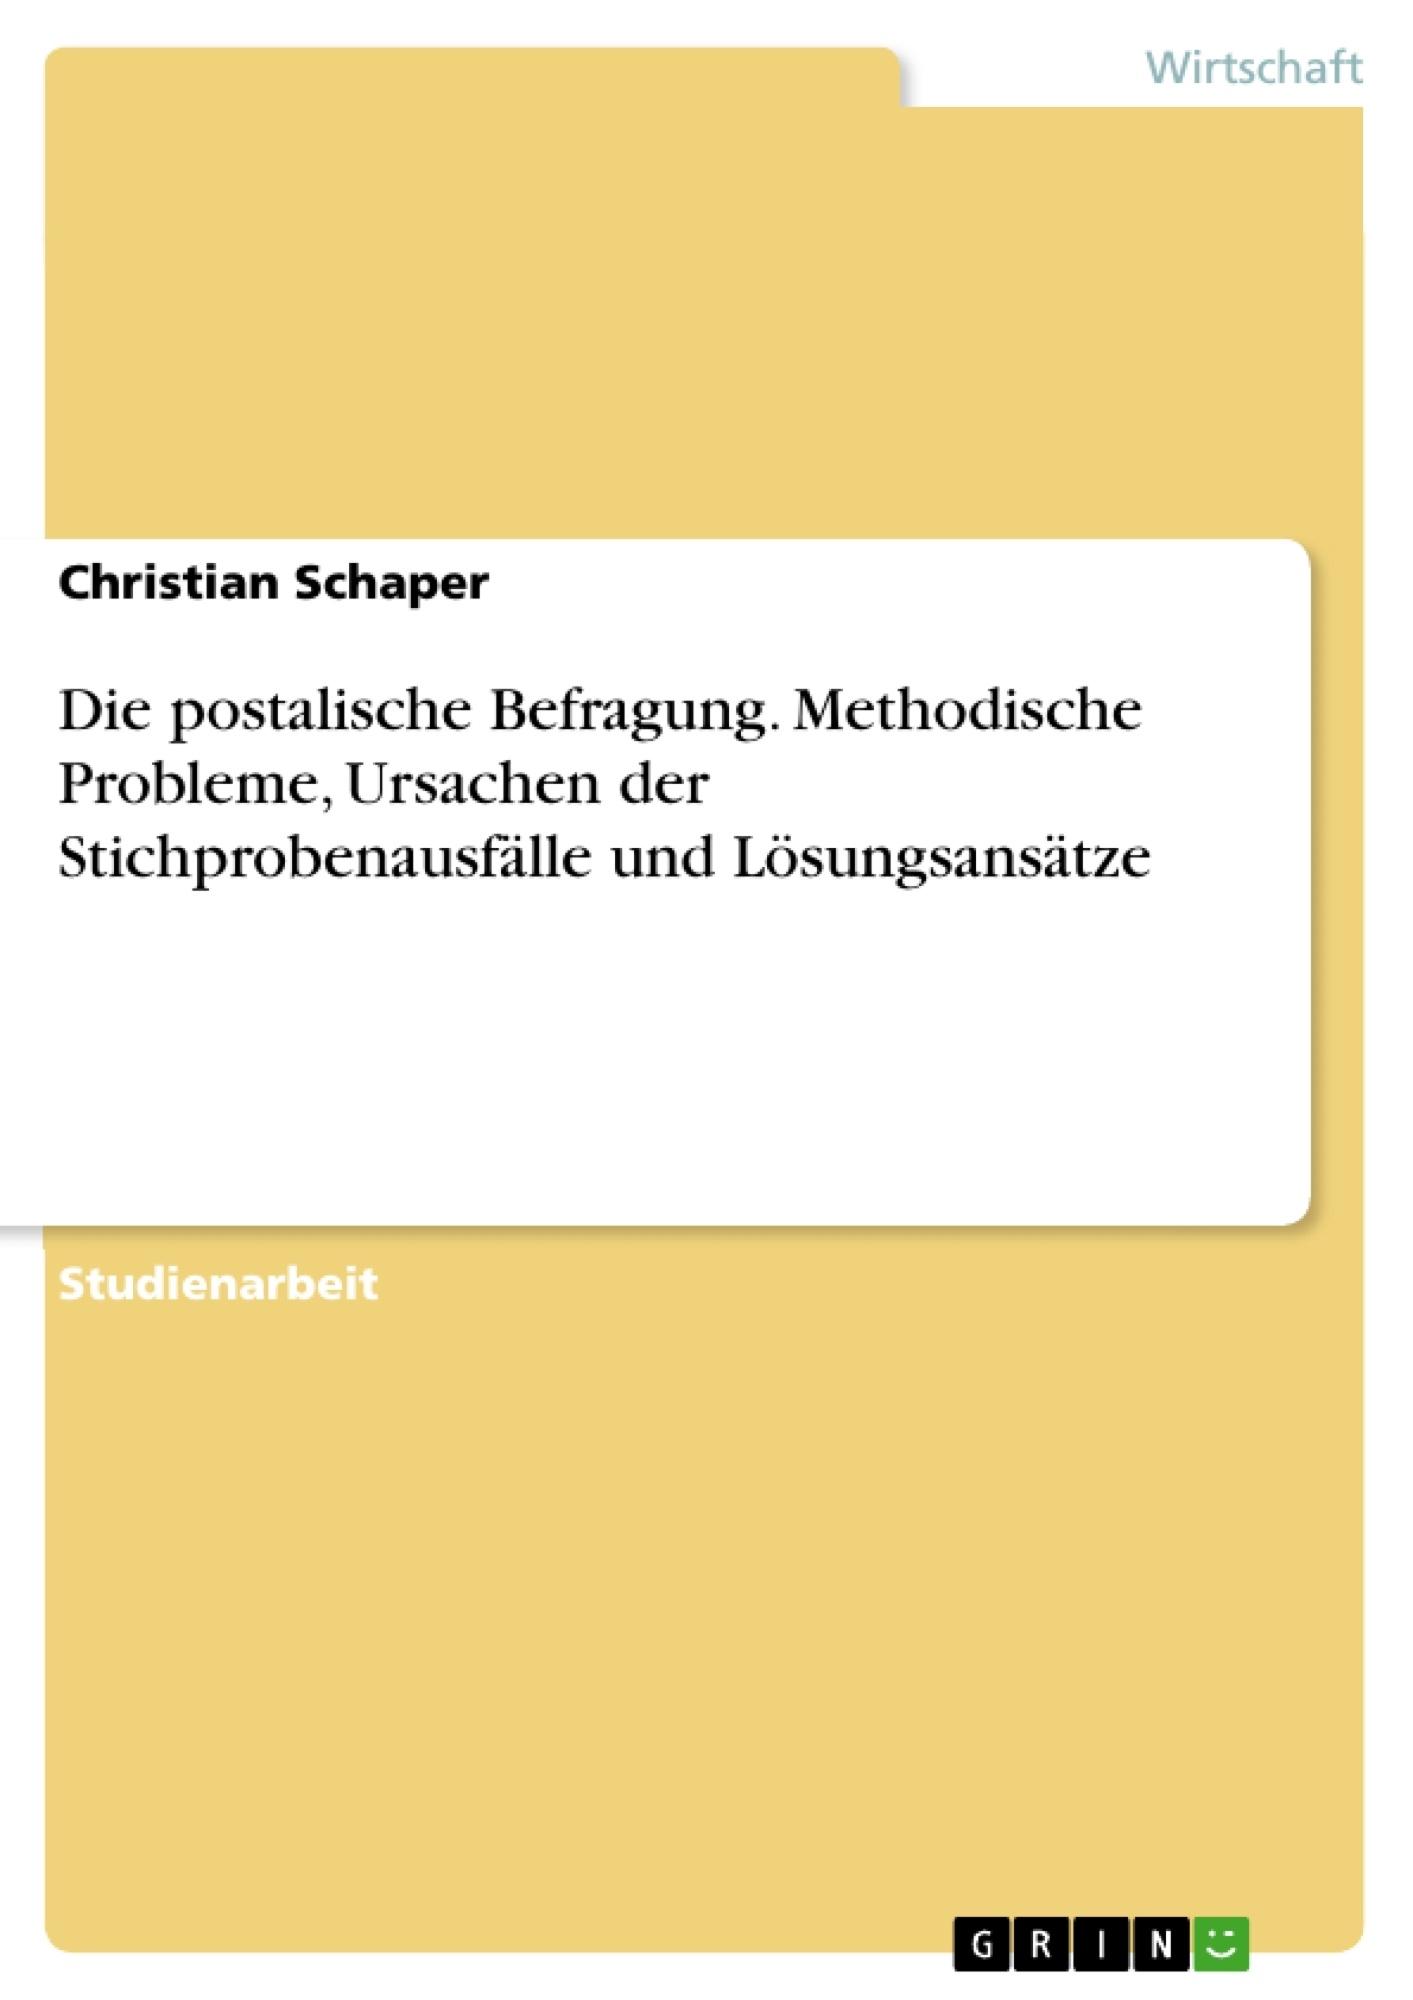 Titel: Die postalische Befragung. Methodische Probleme, Ursachen der Stichprobenausfälle und Lösungsansätze